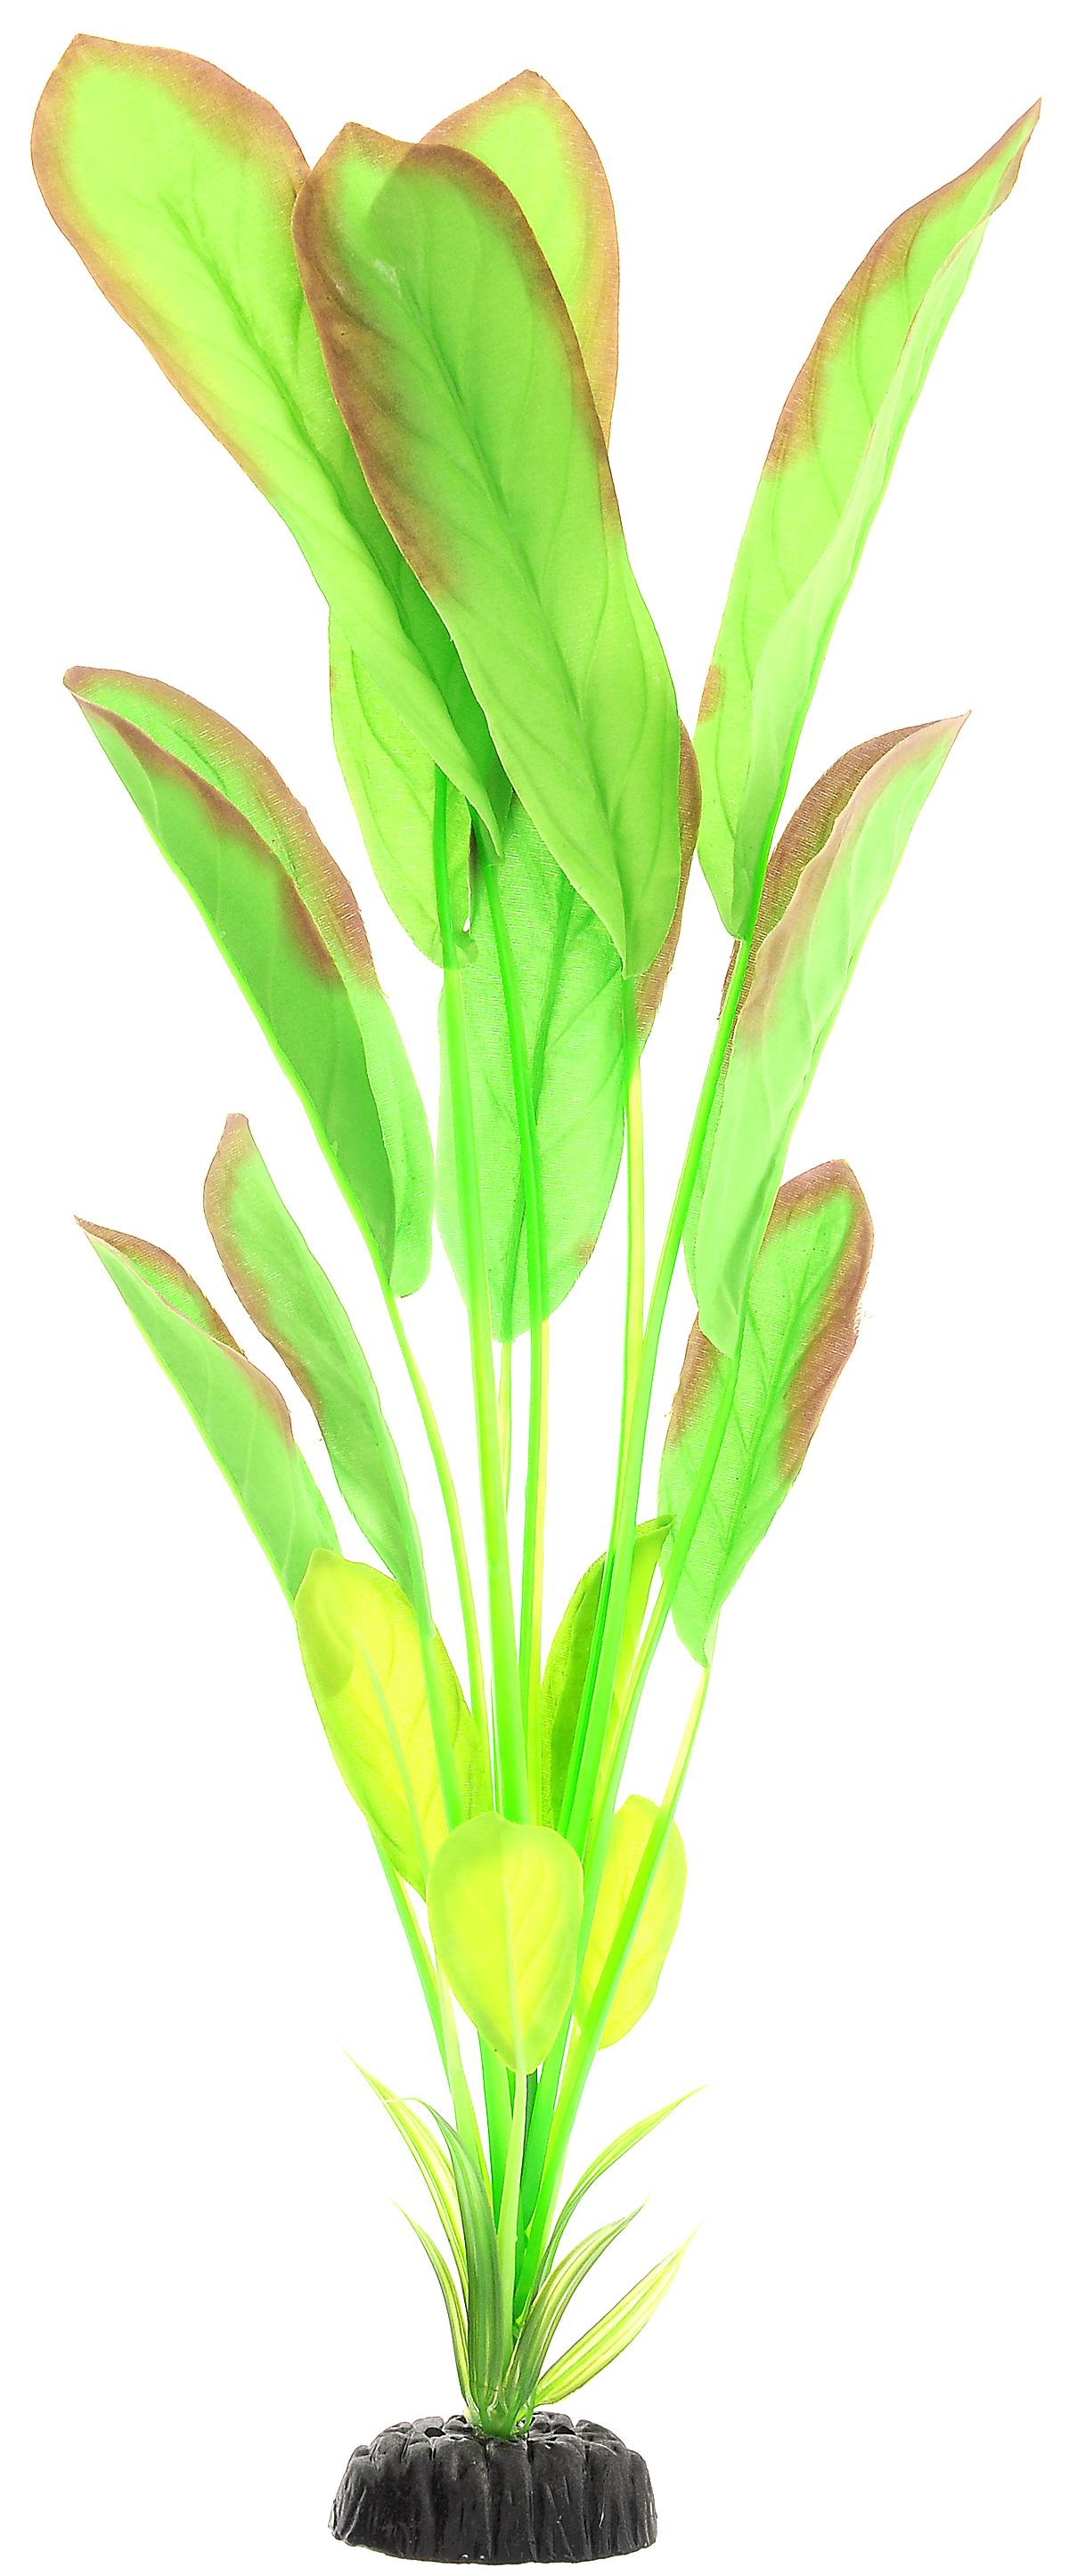 Растение для аквариума Barbus Эхинодорус, шелковое, высота 50 см. Plant 037/50 обогреватель для аквариума barbus новое поколение с терморегулятором 50 вт длина шнура 150 см